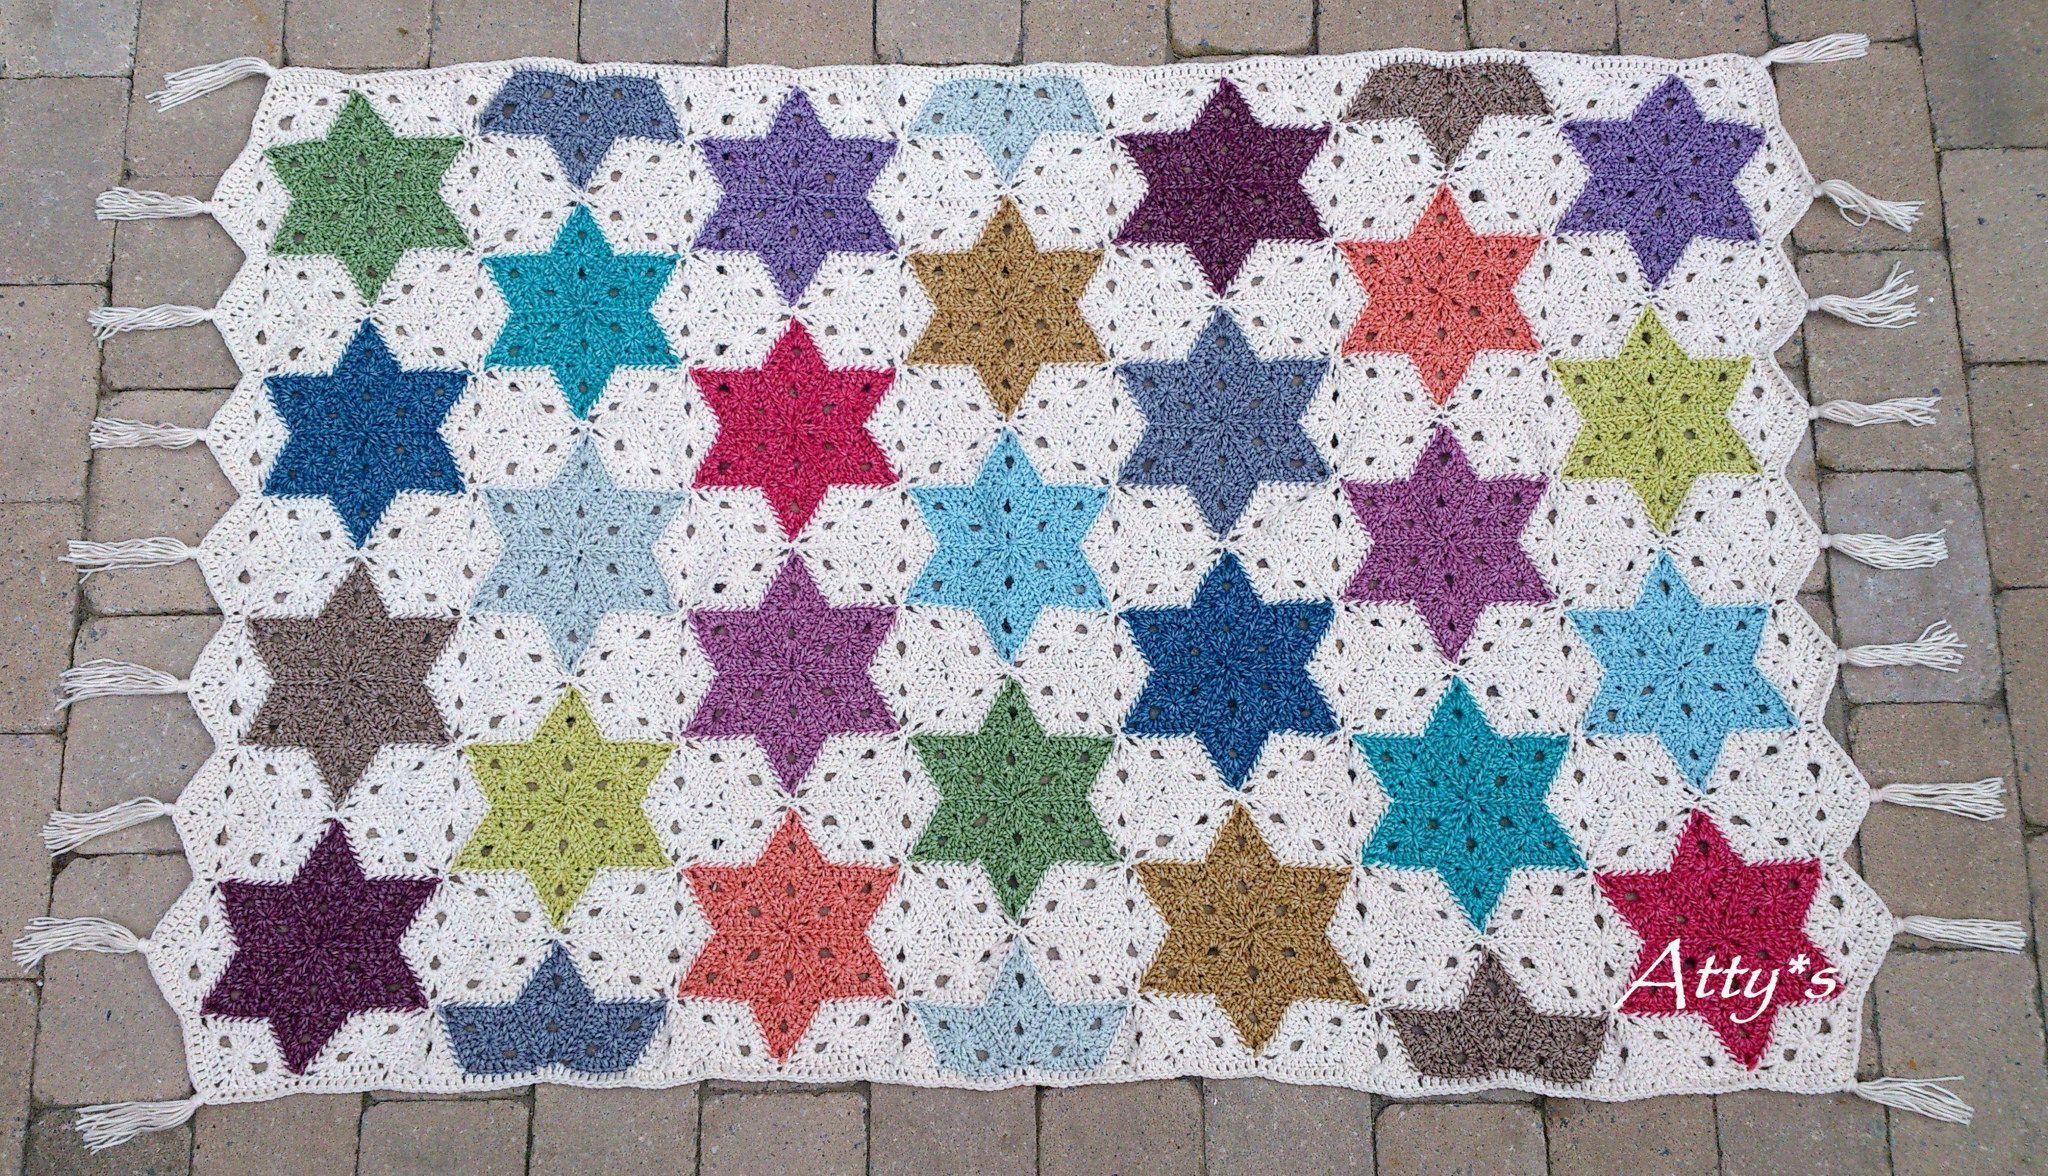 https://flic.kr/s/aHsk4w2cyY   Star Blanket Pattern